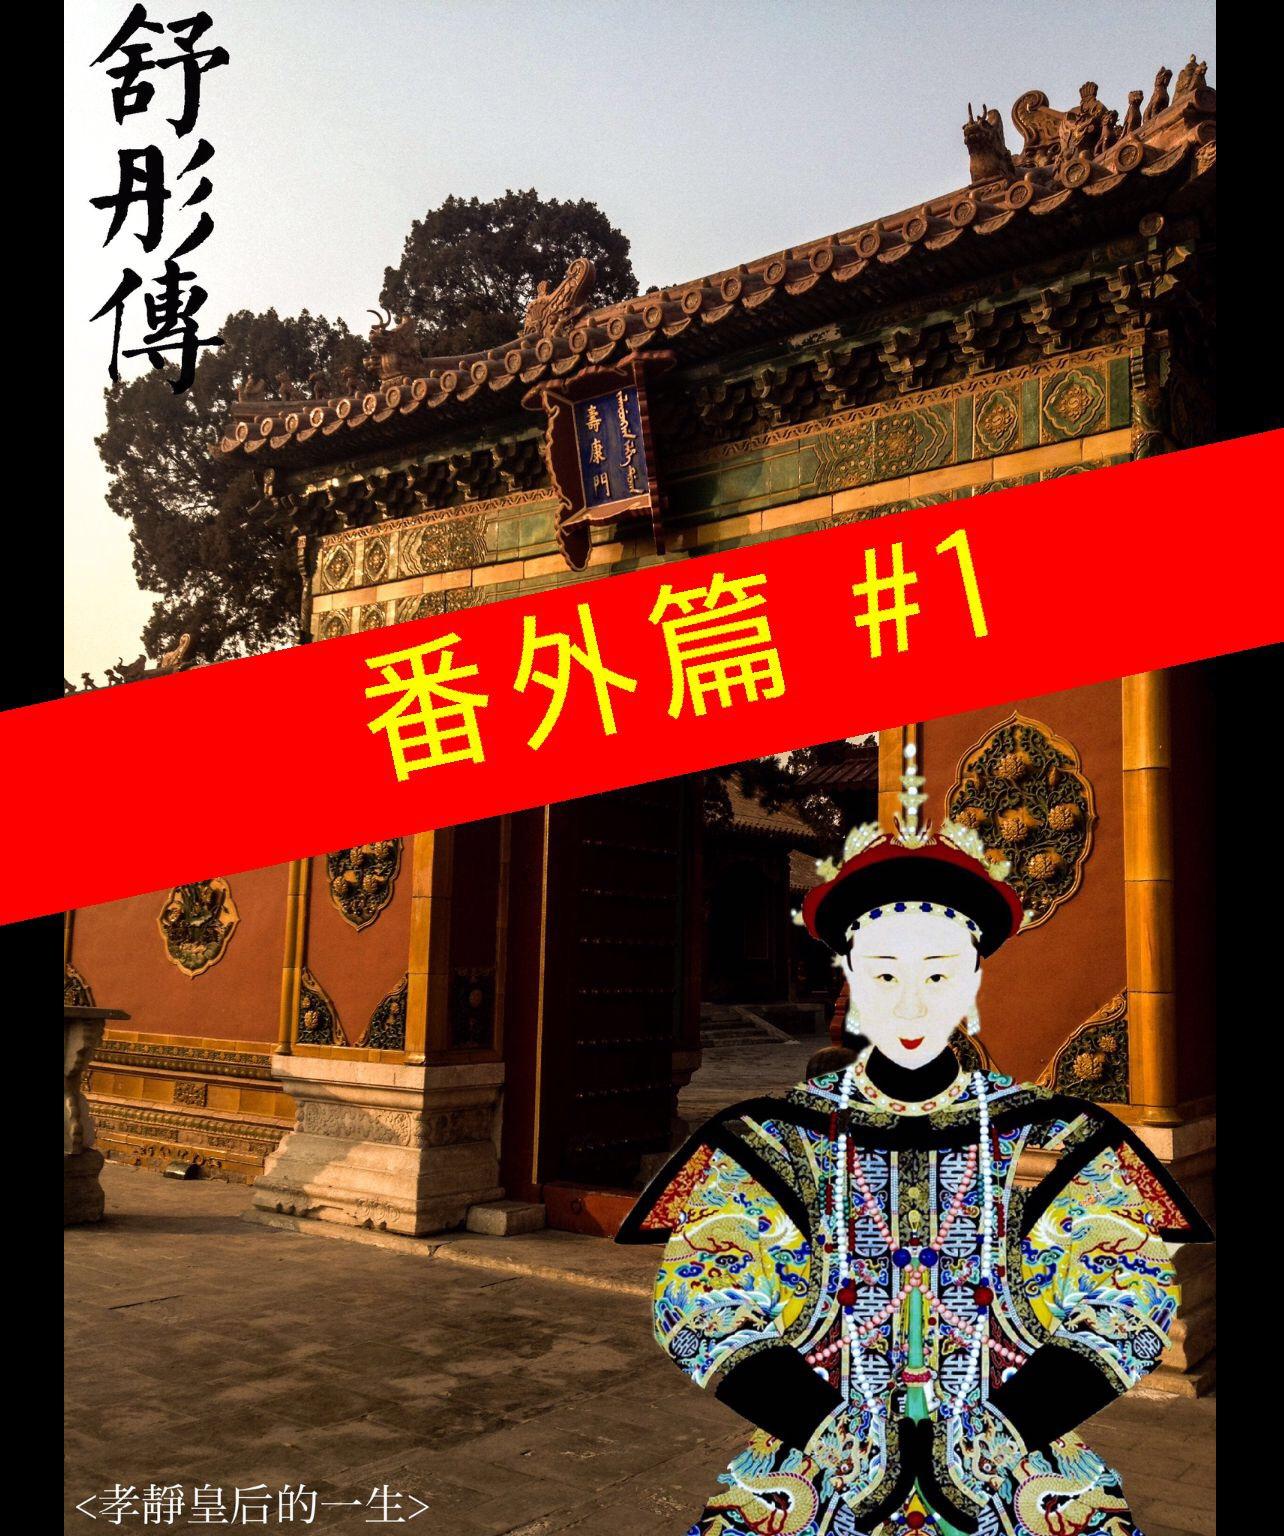 舒彤傳 — 蒙古女孩的傳奇人生 【番外篇#1】